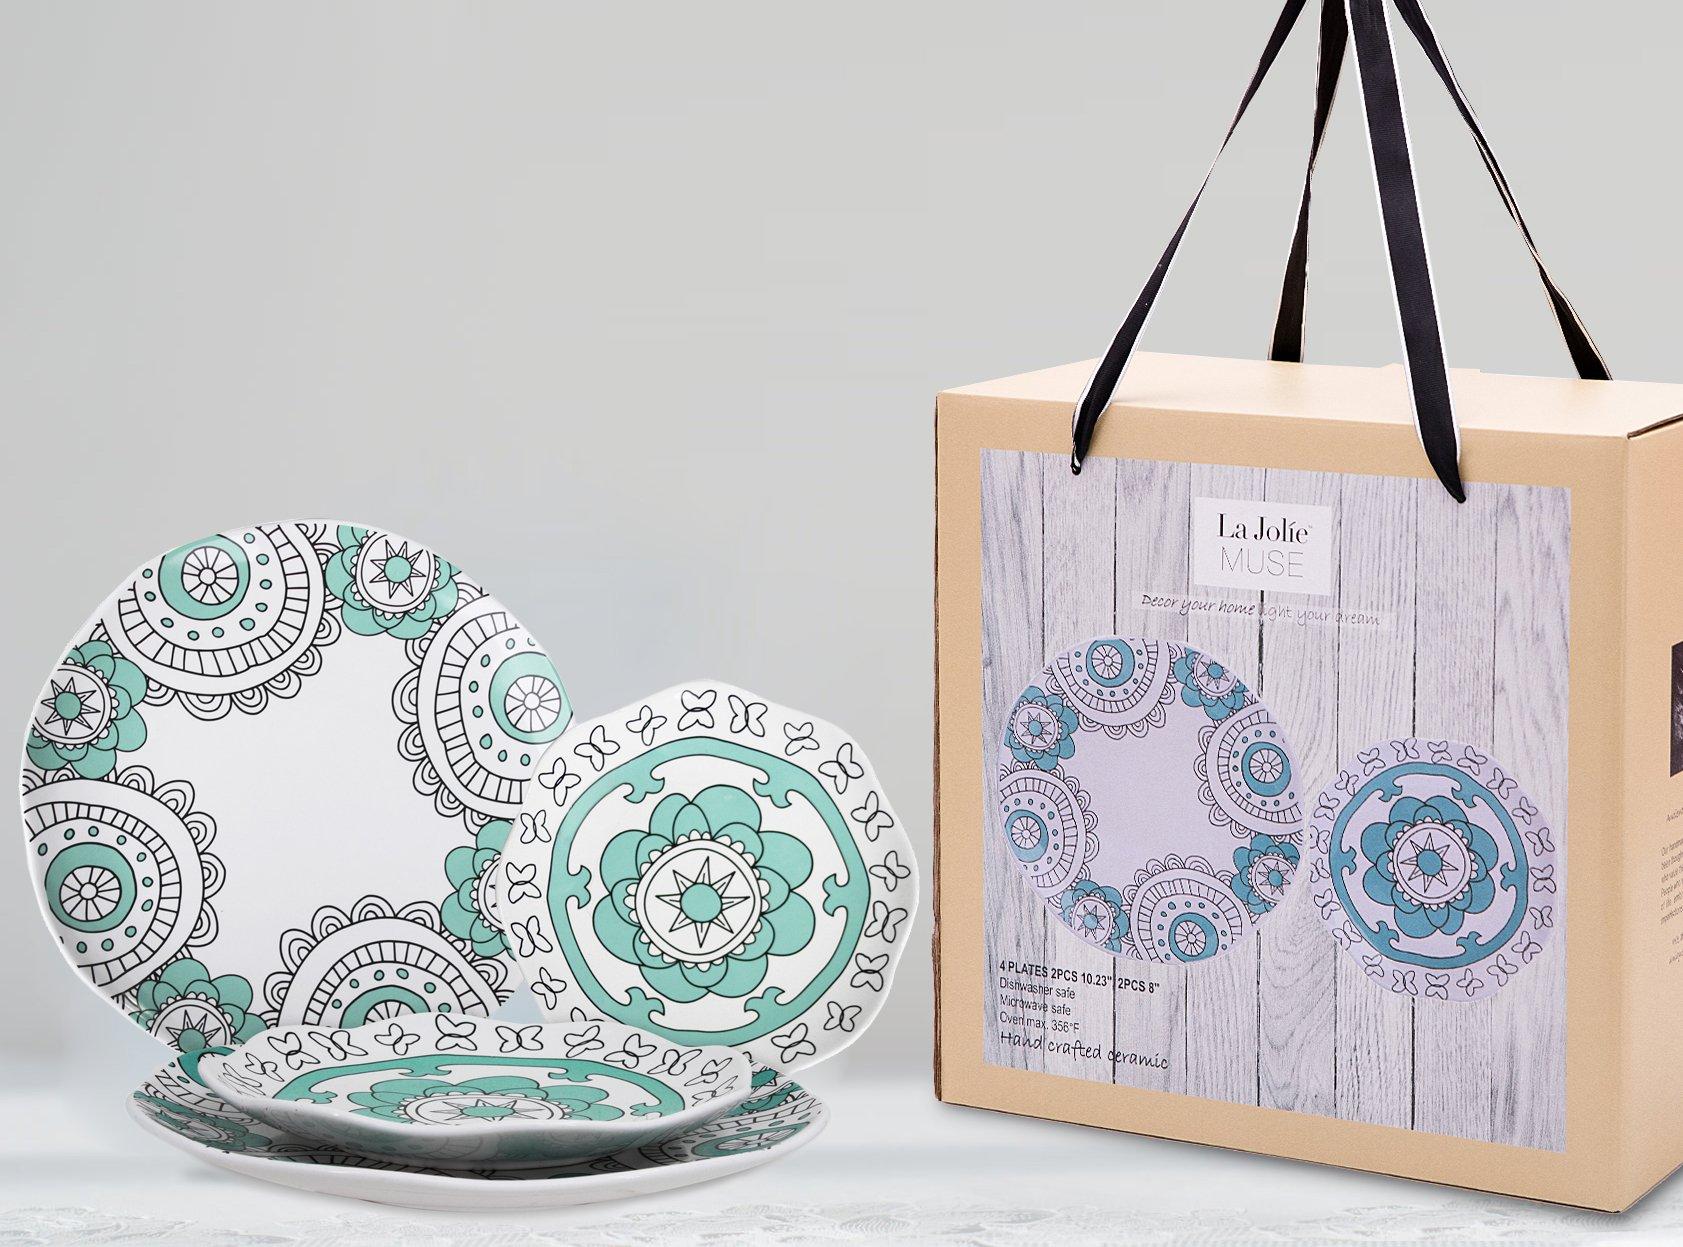 Dinner Plates Appetizer Salad Plate Set 4, Porcelain Mint Blue, Floral Pattern, Accent Serving Plates by LA JOLIE MUSE (Image #7)